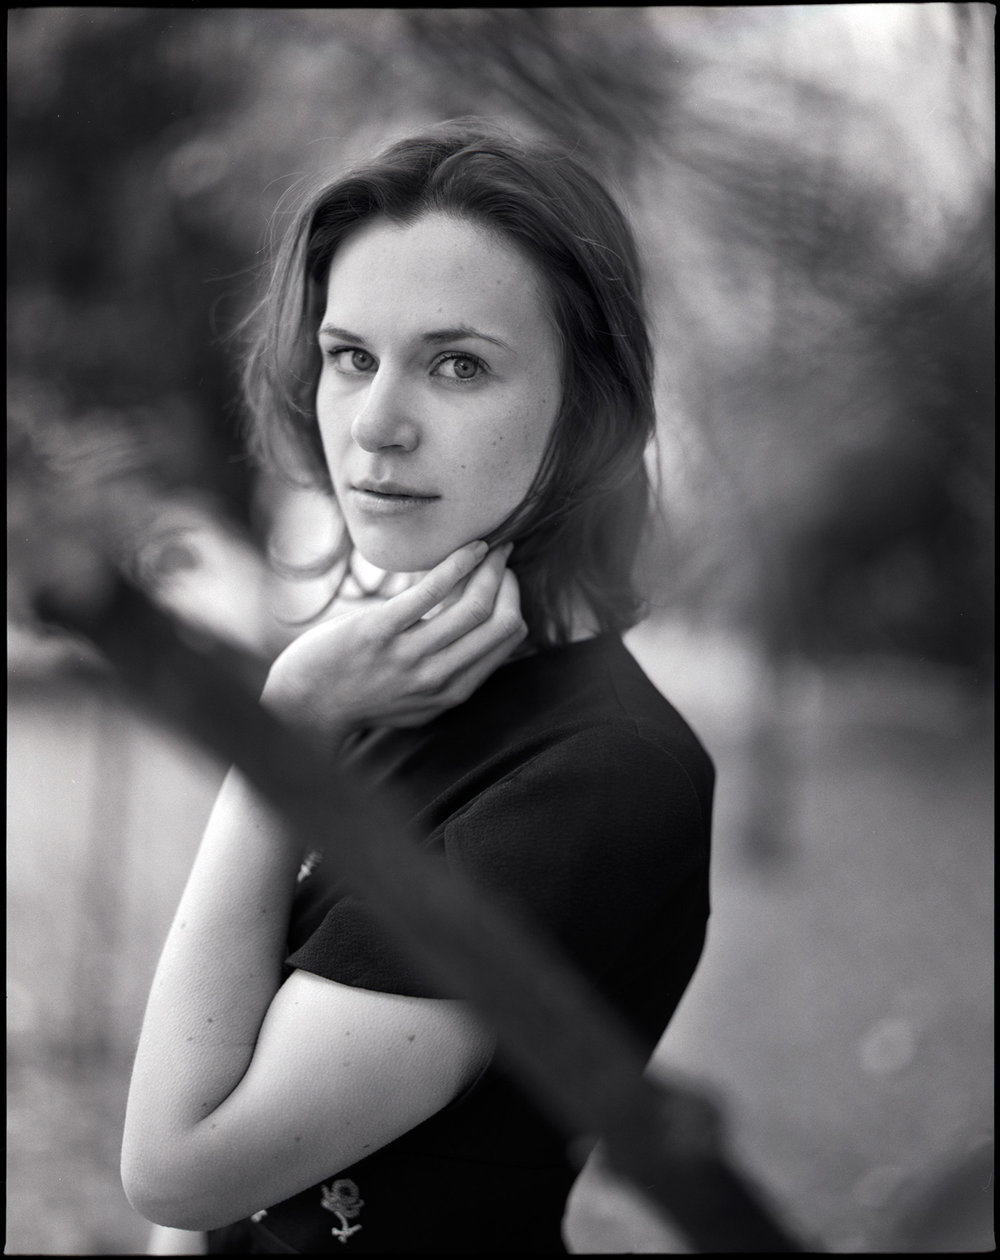 Jacqueline Pawliczek